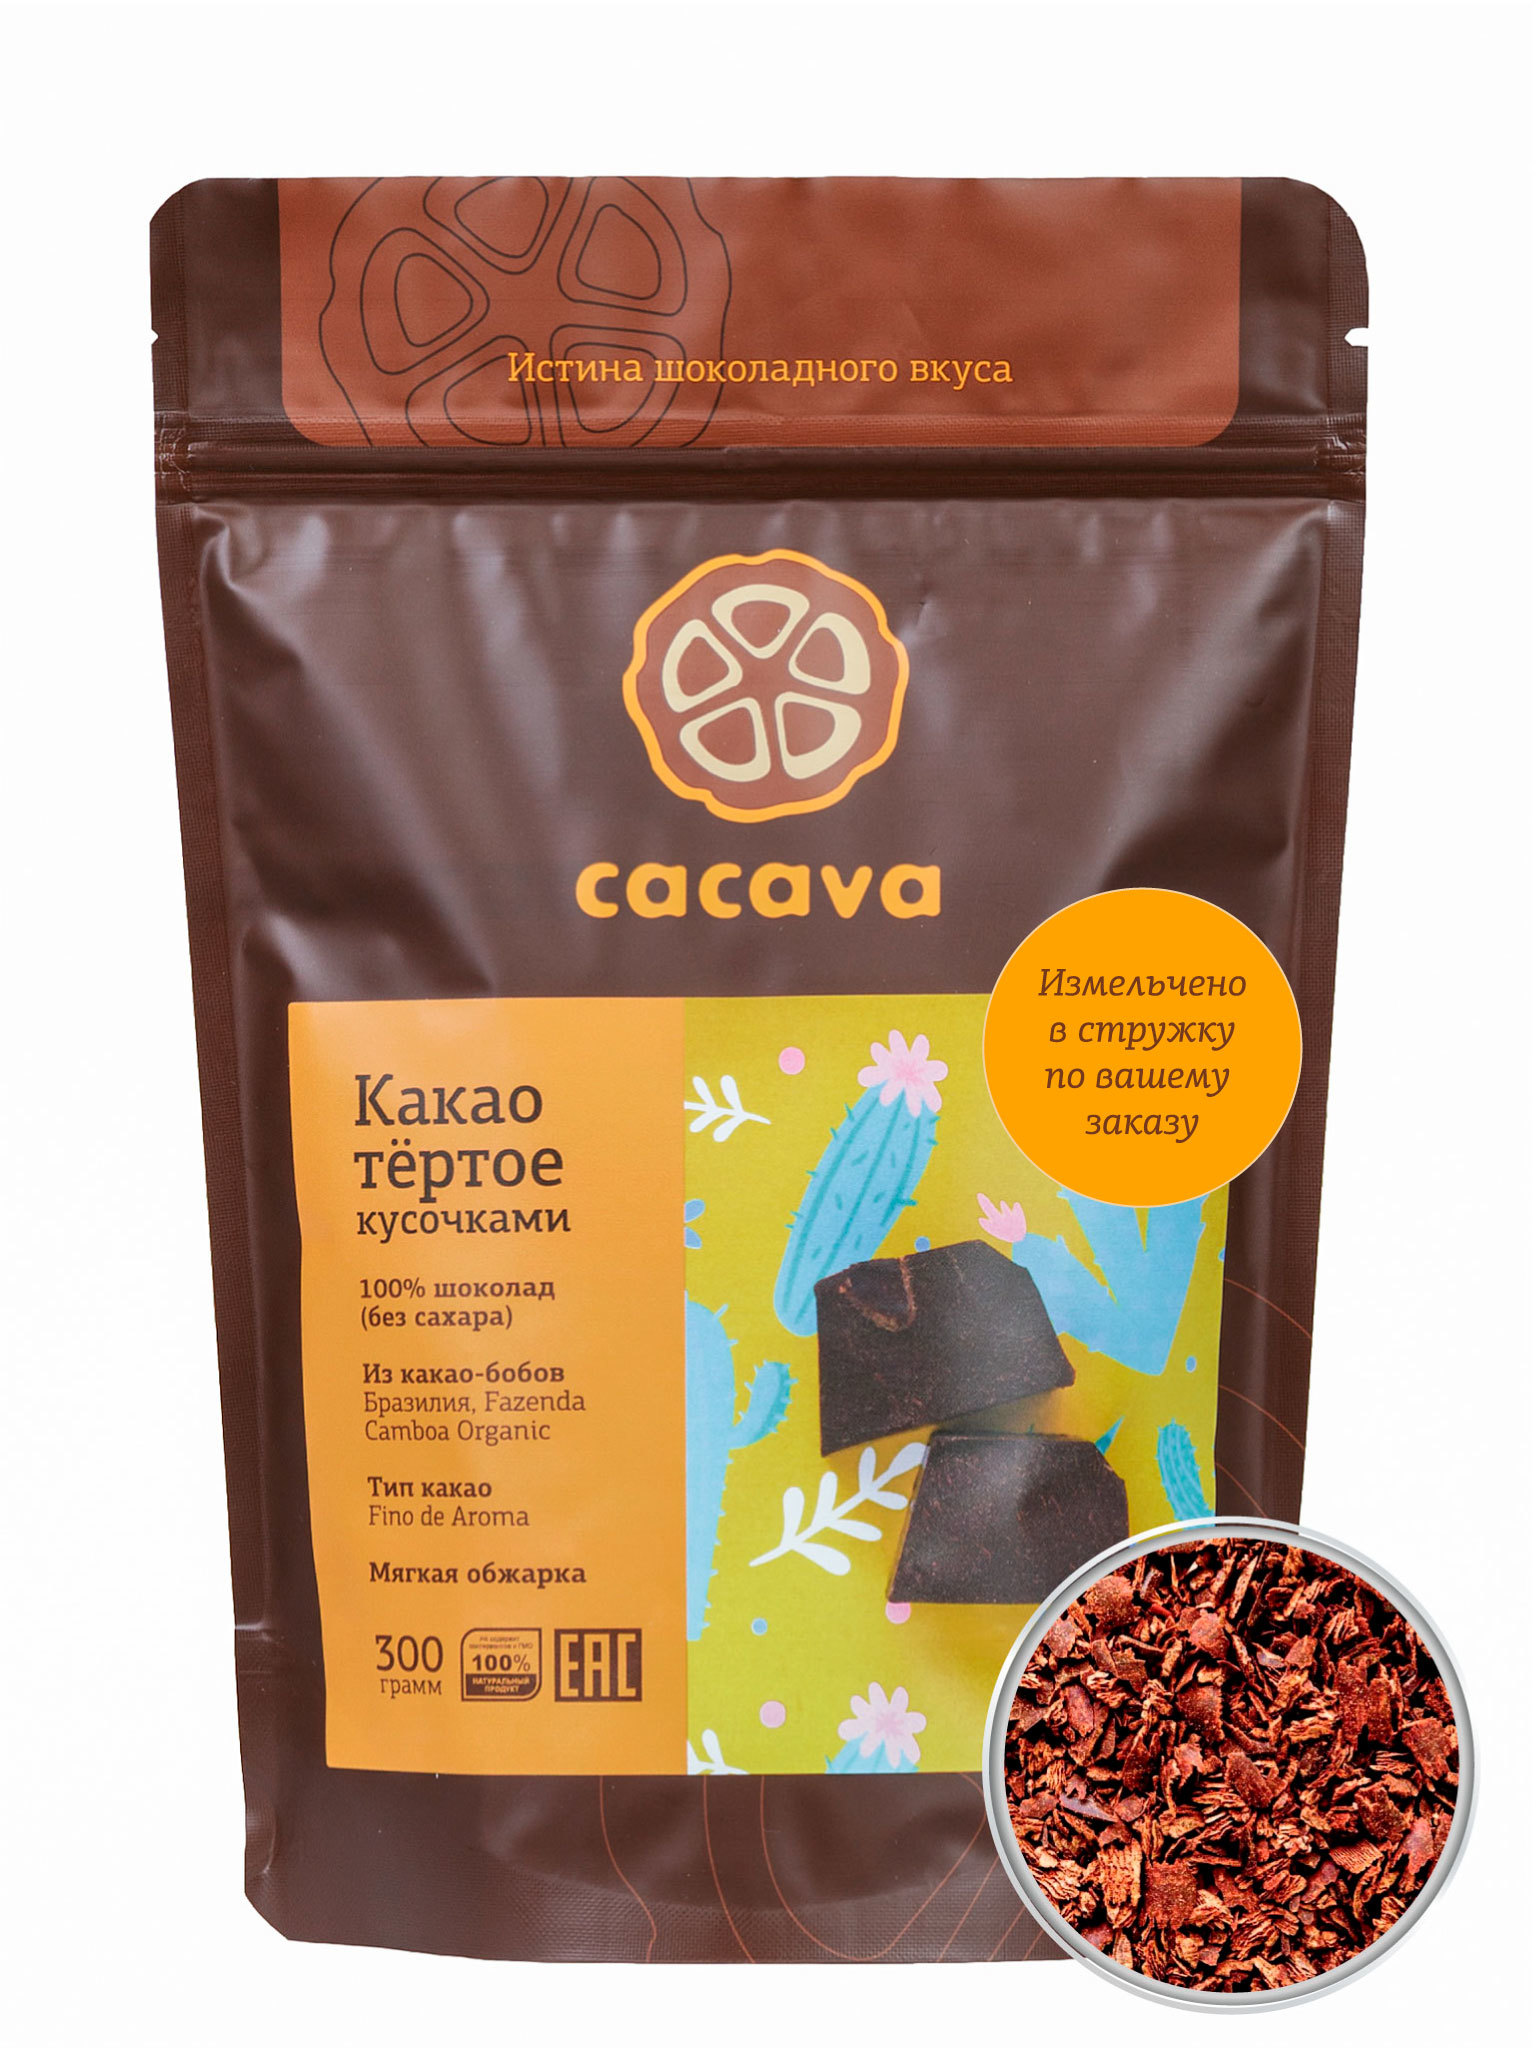 Какао тёртое в стружке (Бразилия, Fazenda Camboa), упаковка 300 грамм